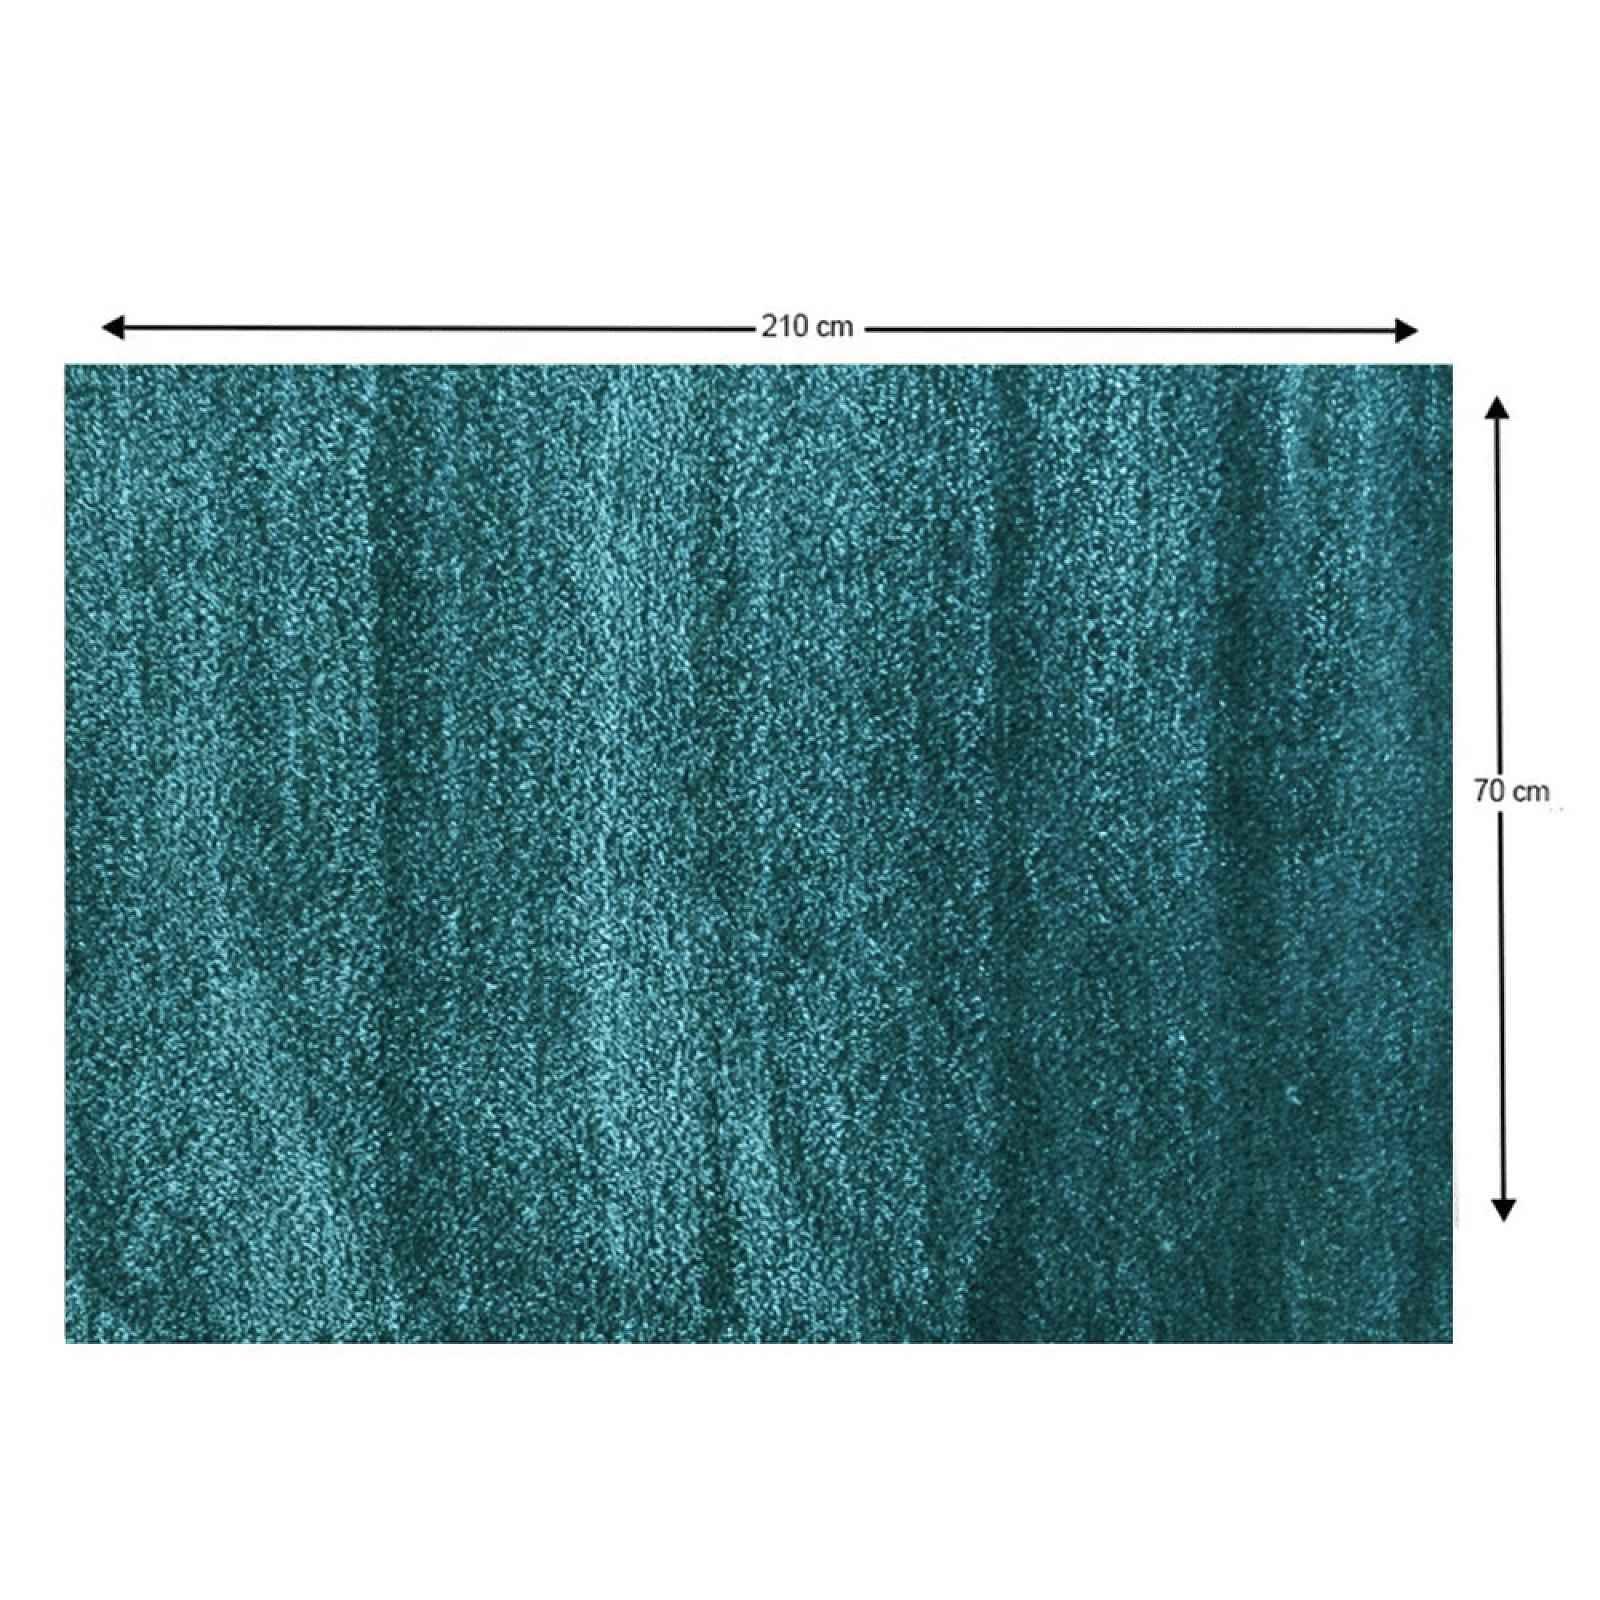 Shaggy koberec ARUNA tyrkysová Tempo Kondela 70x210 cm